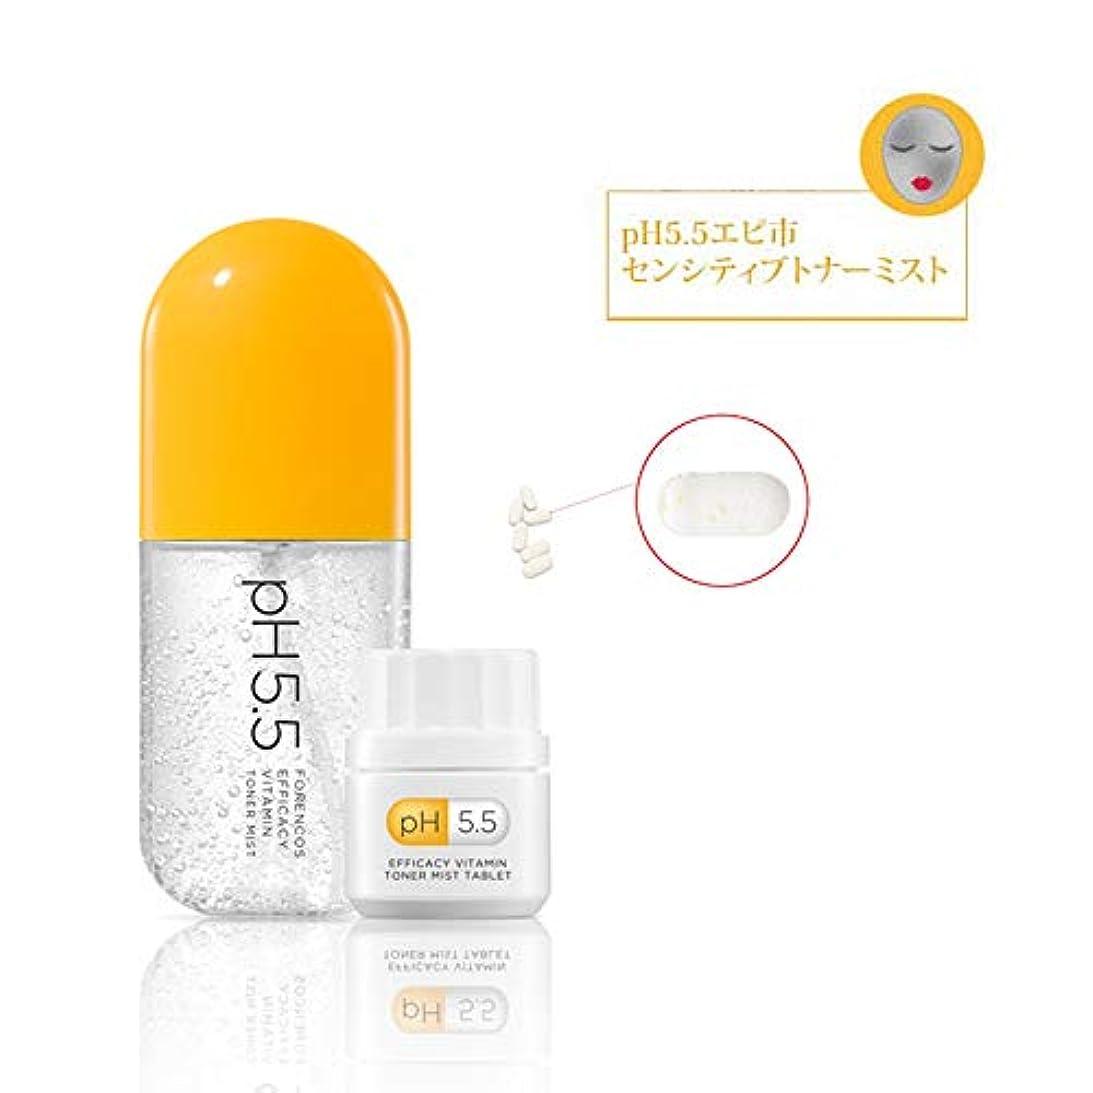 ローブ南方のルーキー[FORENCOS] pH5.5 ビタミン効果型化粧水スプレー/pH 5.5 Efficacy Toner Mist (1g*10ea) 1 Pack #Vitamin